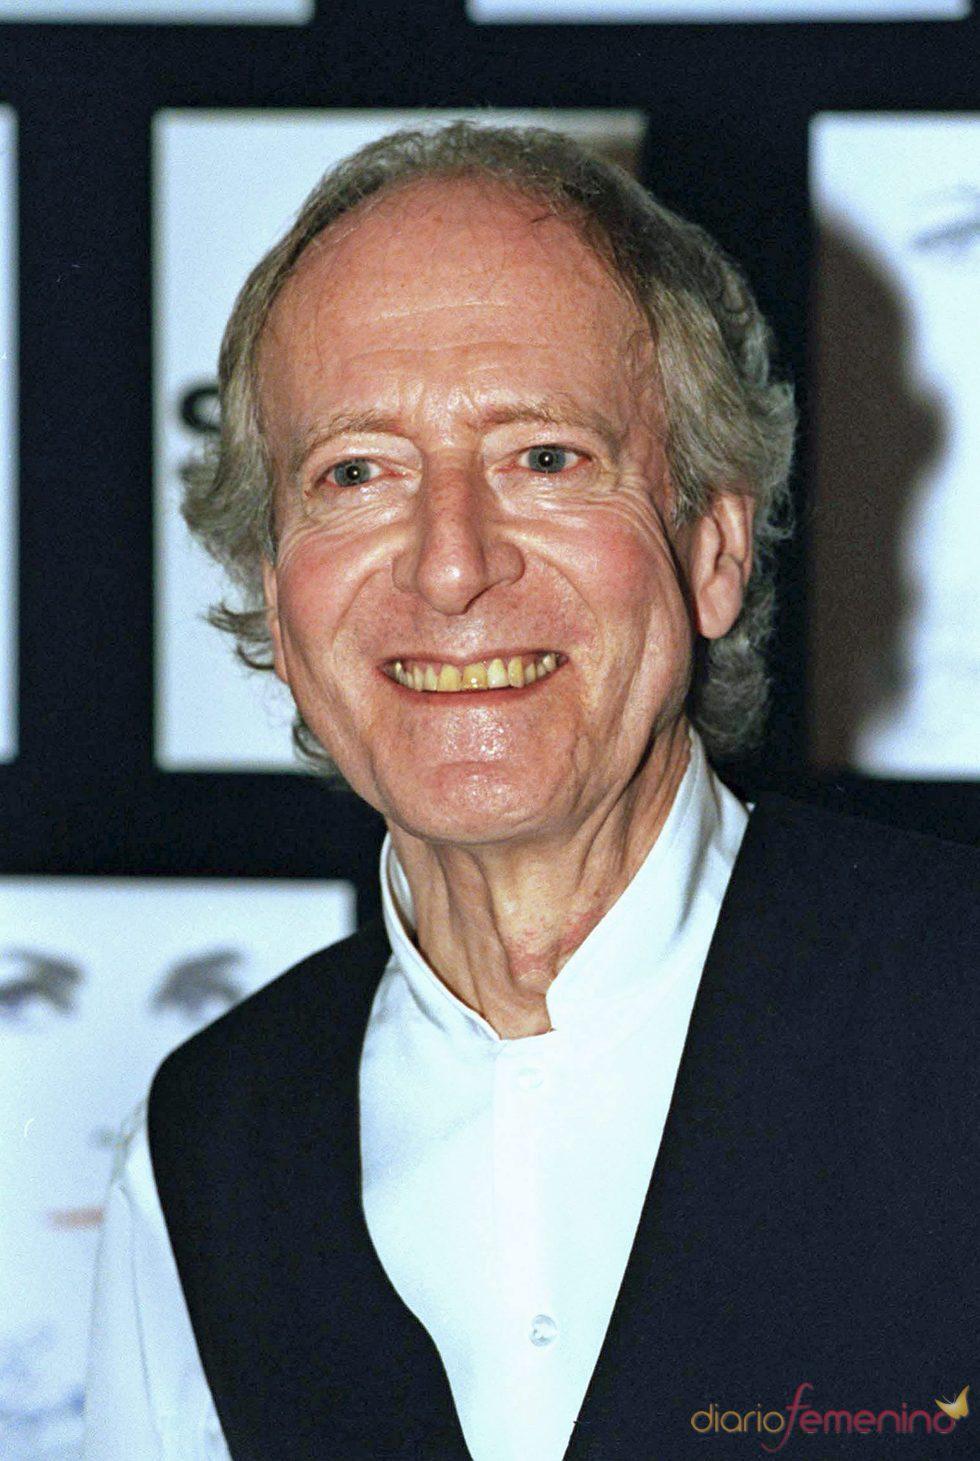 John Barry, compositor de la banda sonora de James Bond, fallece a los 77 años